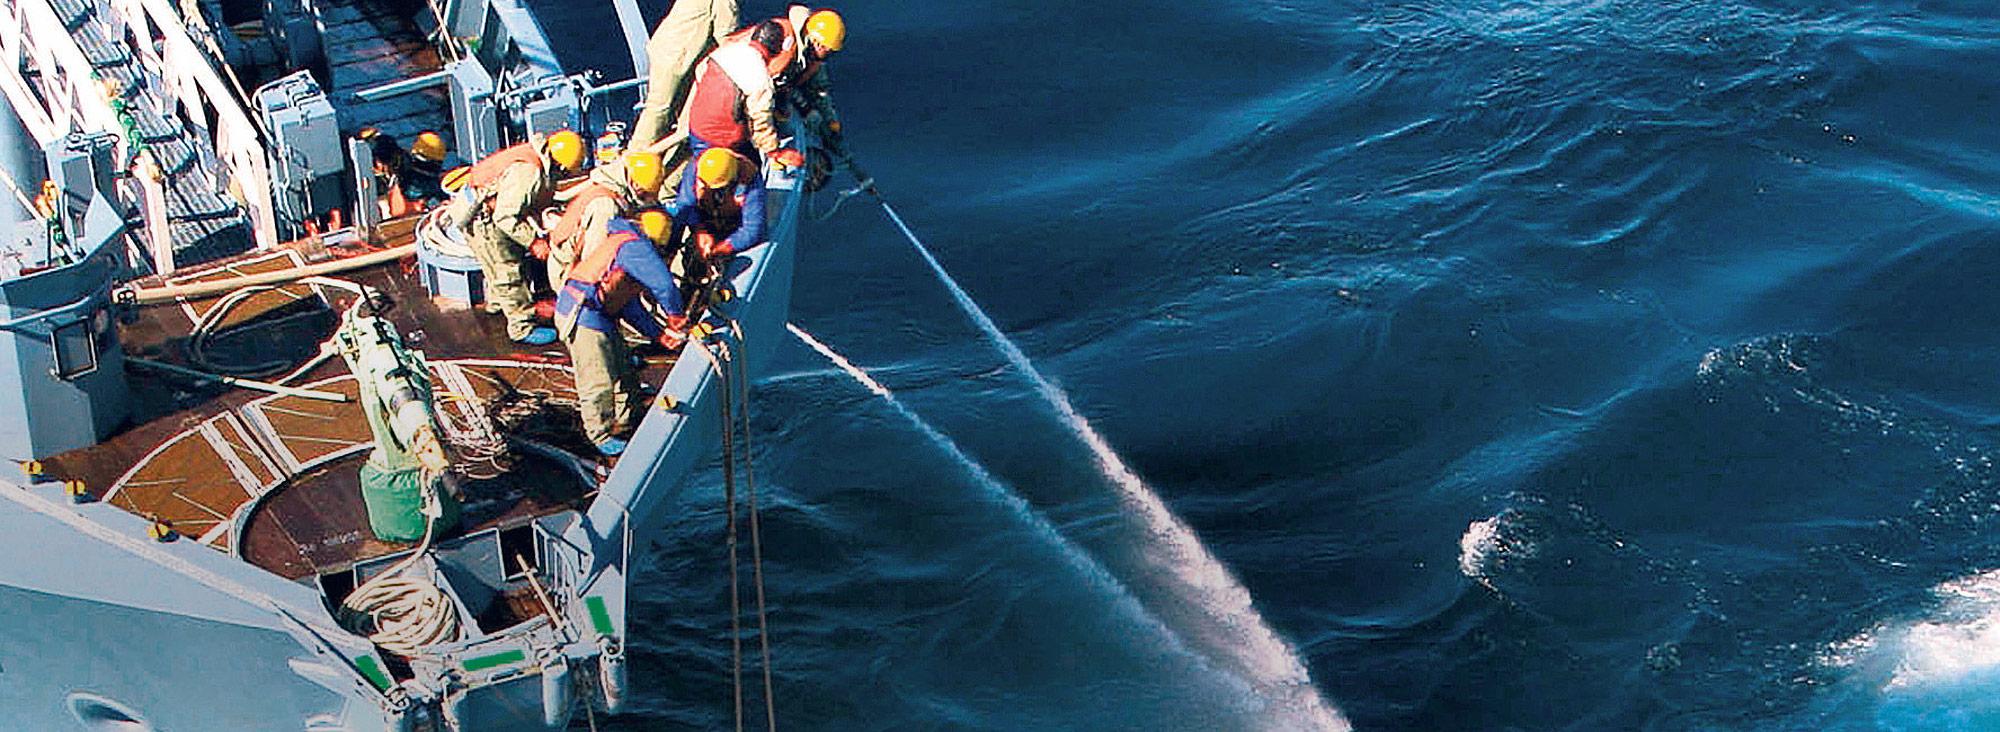 Conservación ballenas